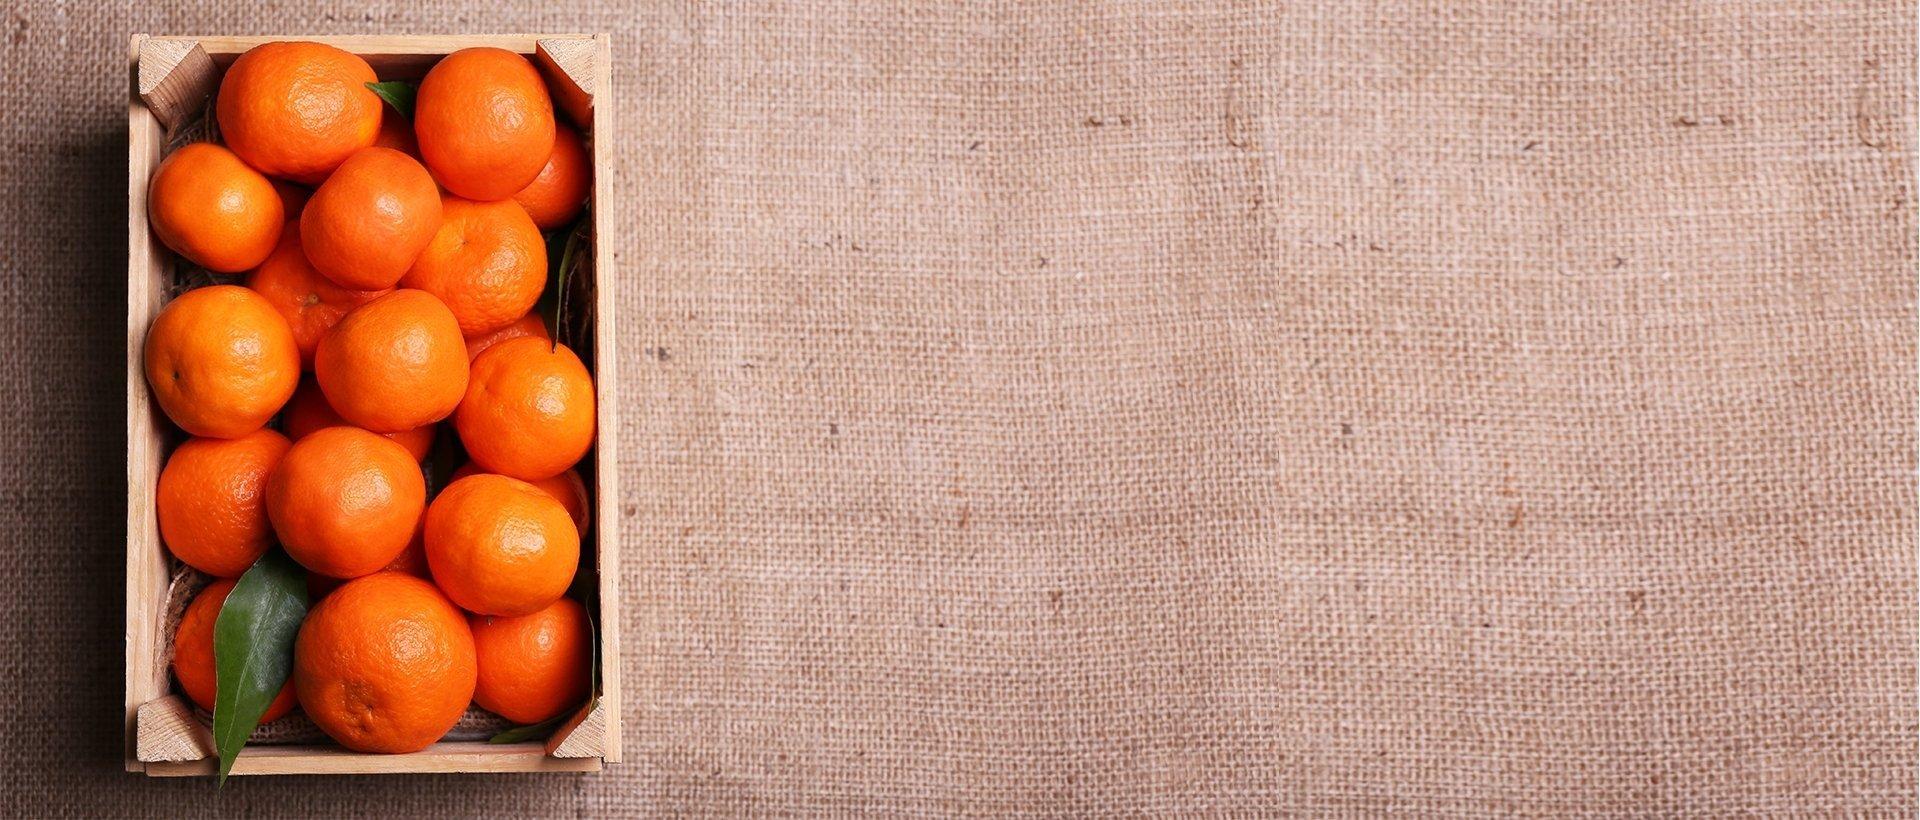 slideshow-matafruit-naranjas-03